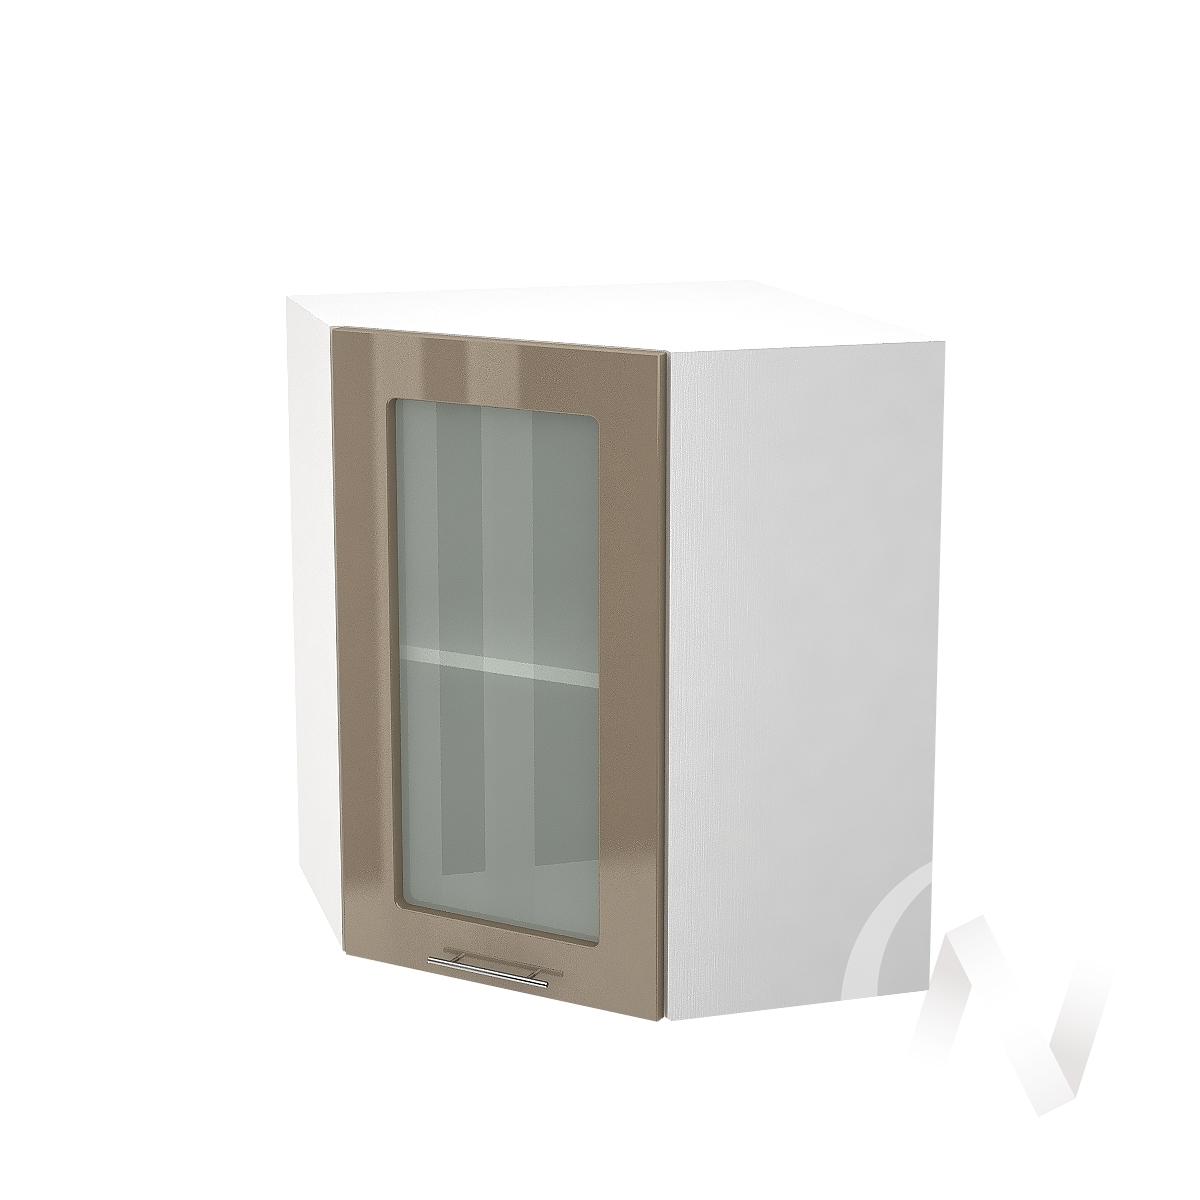 """Кухня """"Валерия-М"""": Шкаф верхний угловой со стеклом 590, ШВУС 590 (Капучино глянец/корпус белый)"""